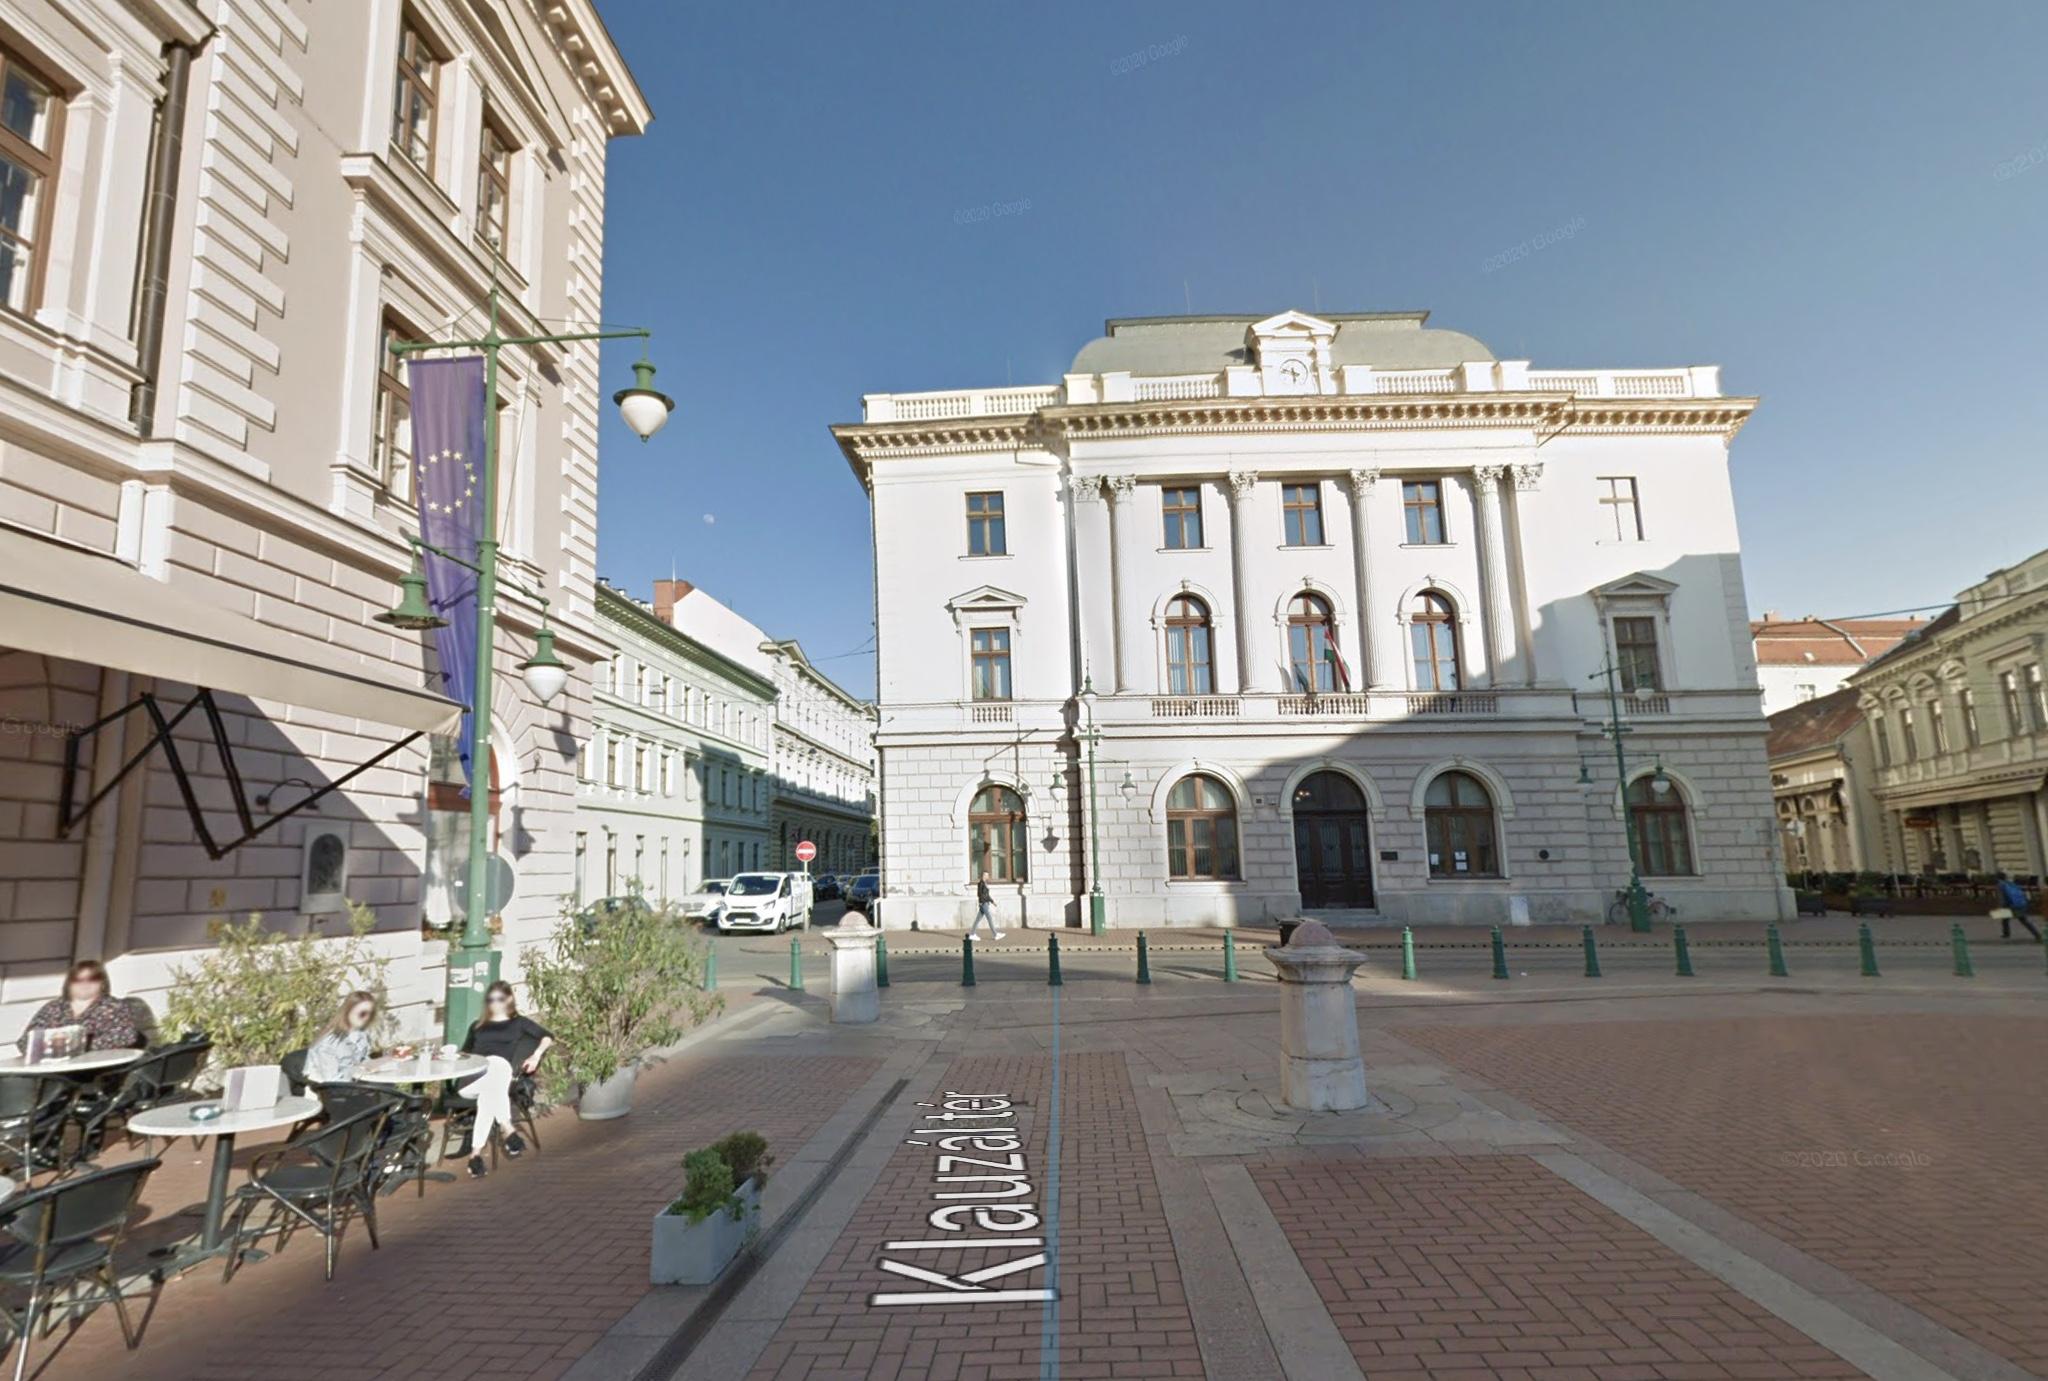 Szeged Belváros Szívében, 500m2,utcai,kirakatos,sarki üzlet Kiadó